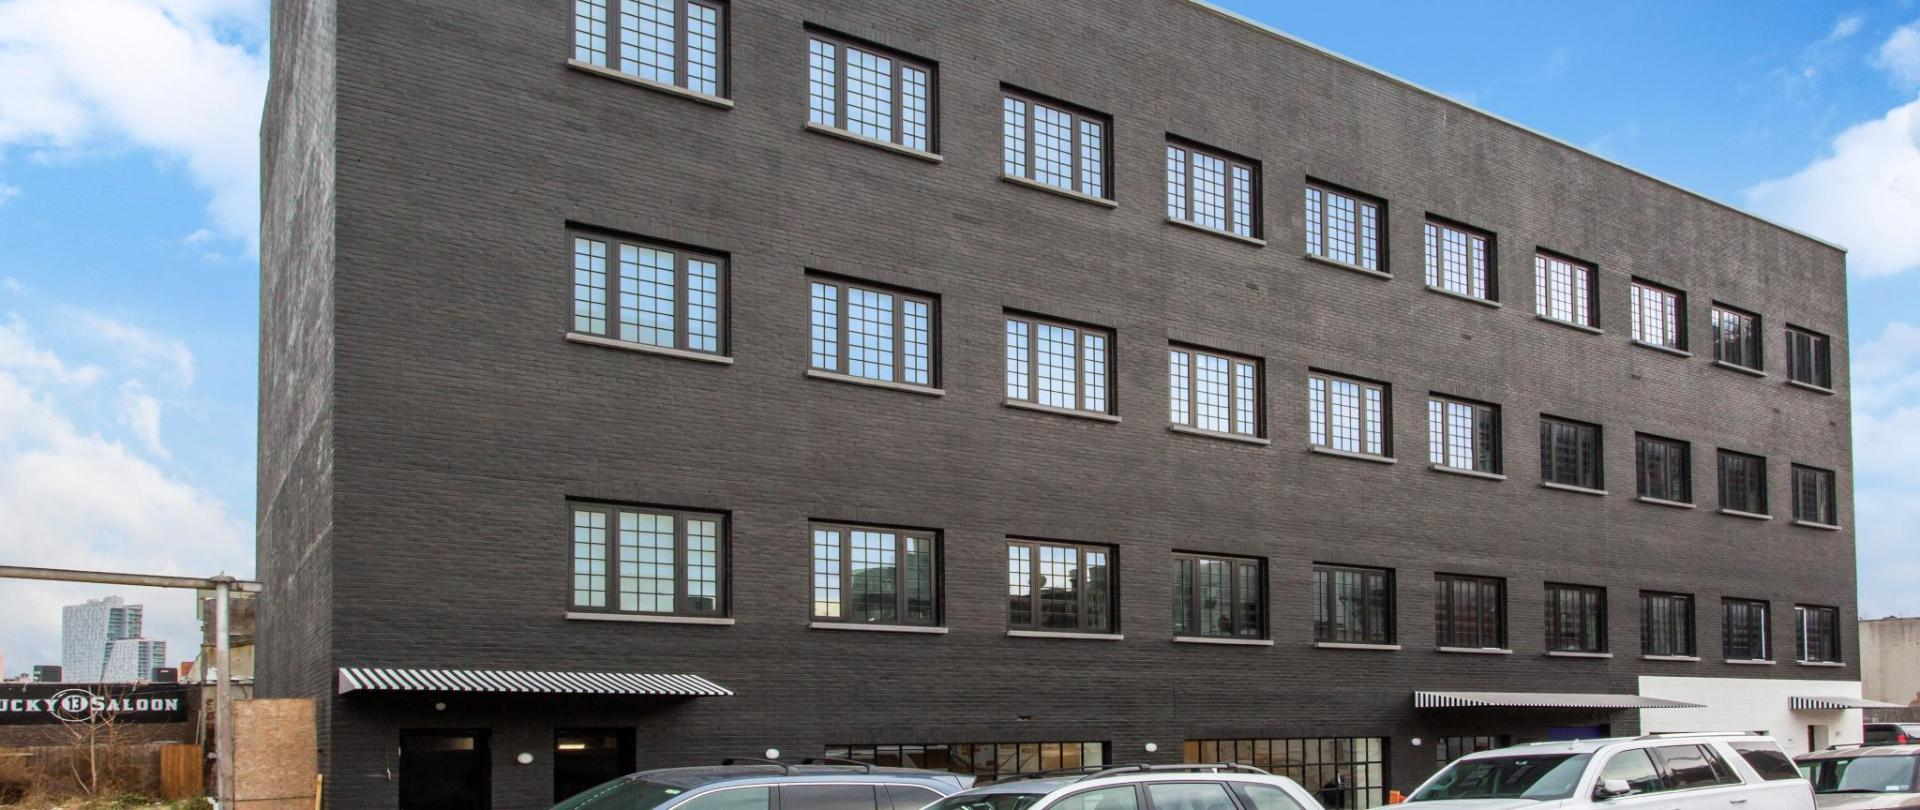 NY569exterior2.jpg